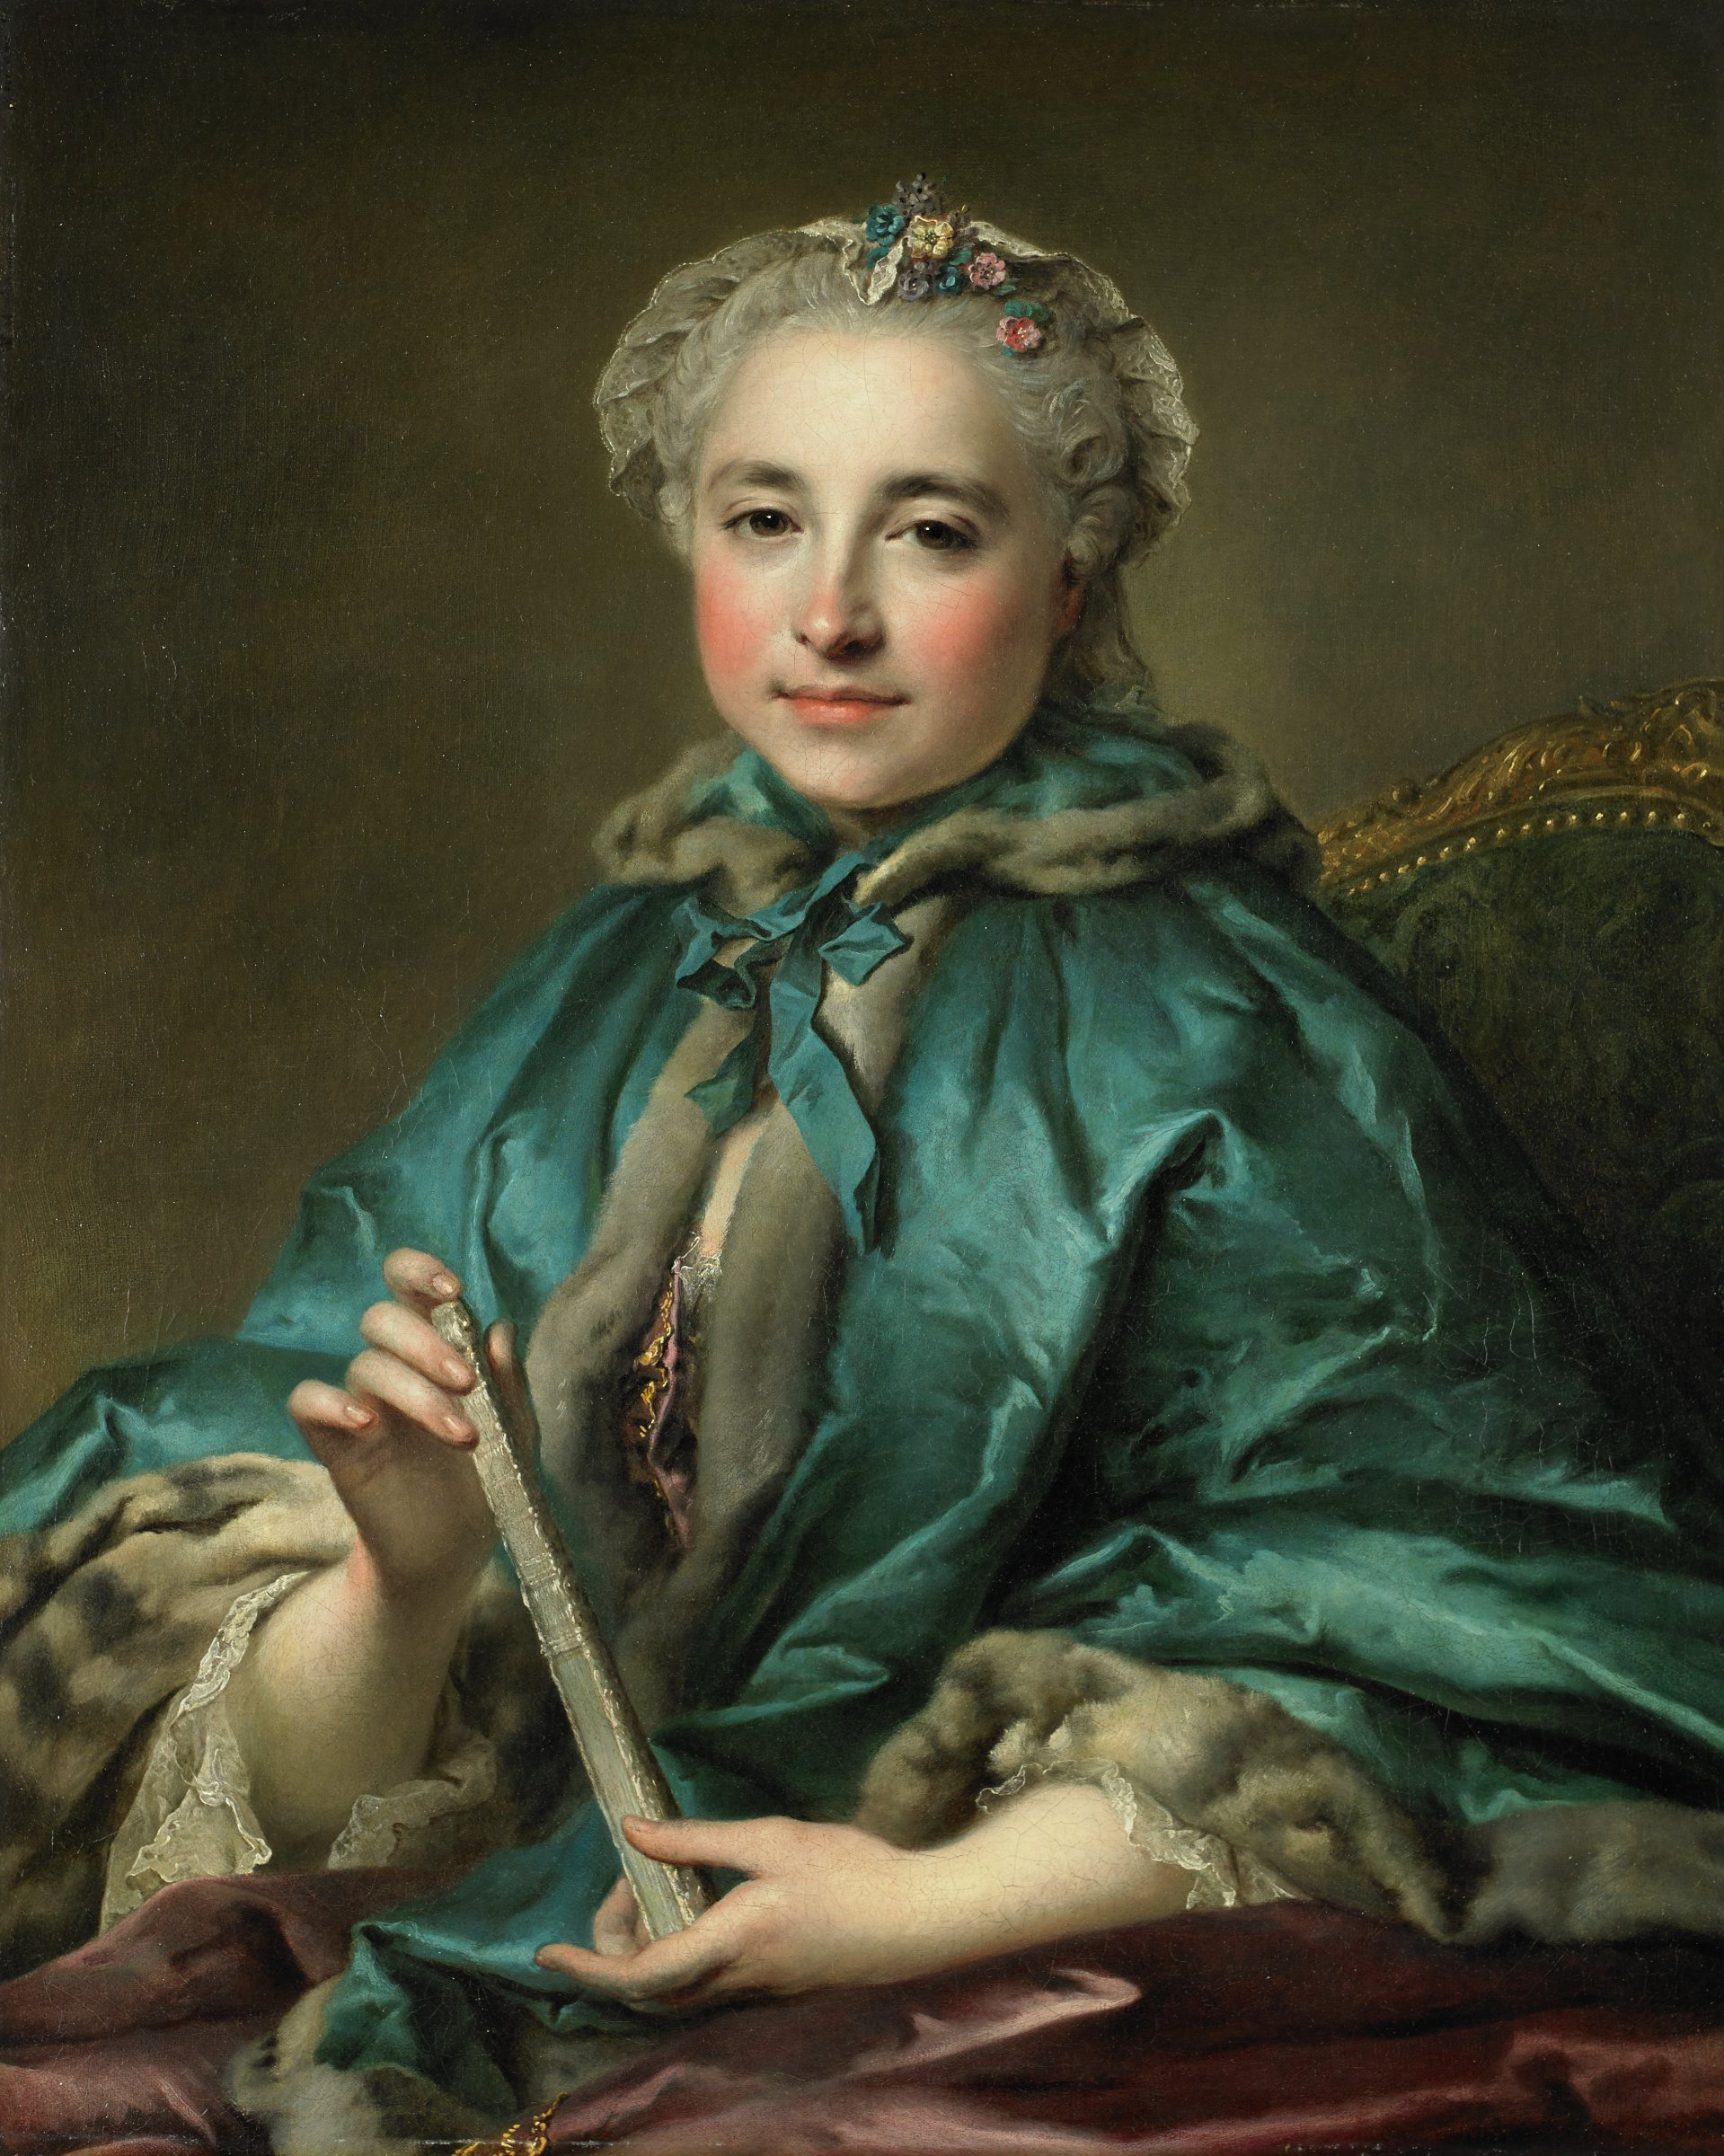 Marie-Angélique Petitgars Gérard de Livry, Louis Tocqué, oil on canvas